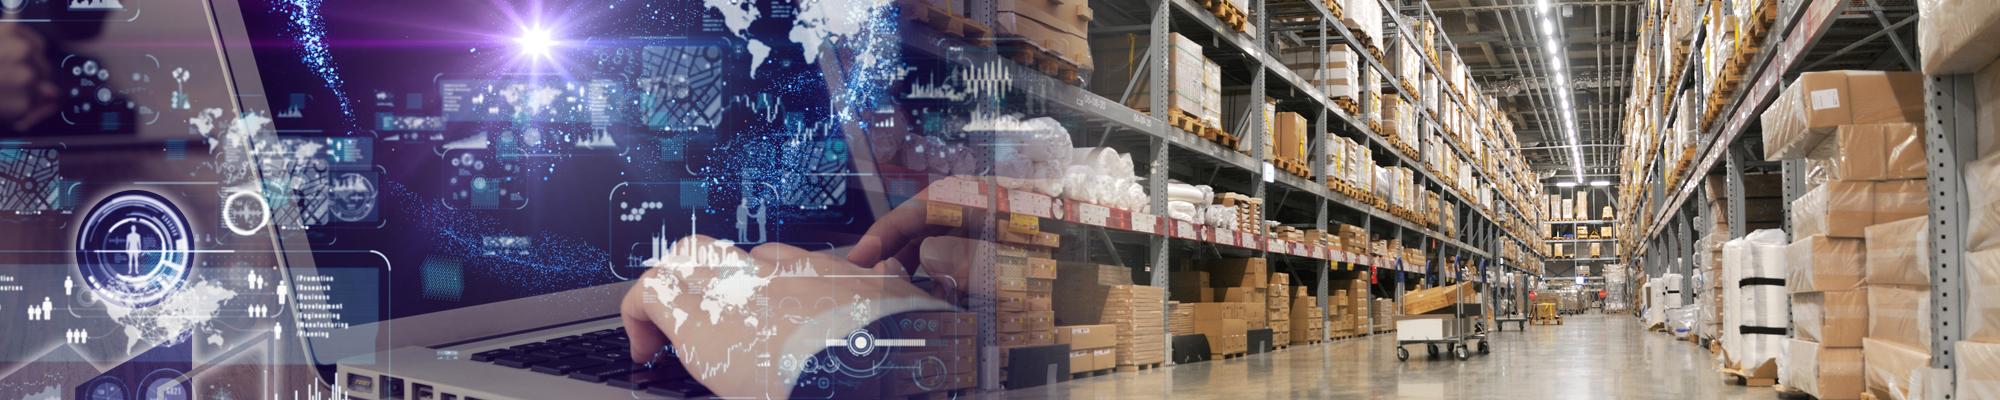 輸出入管理システム開発/貨物管理システム開発 等